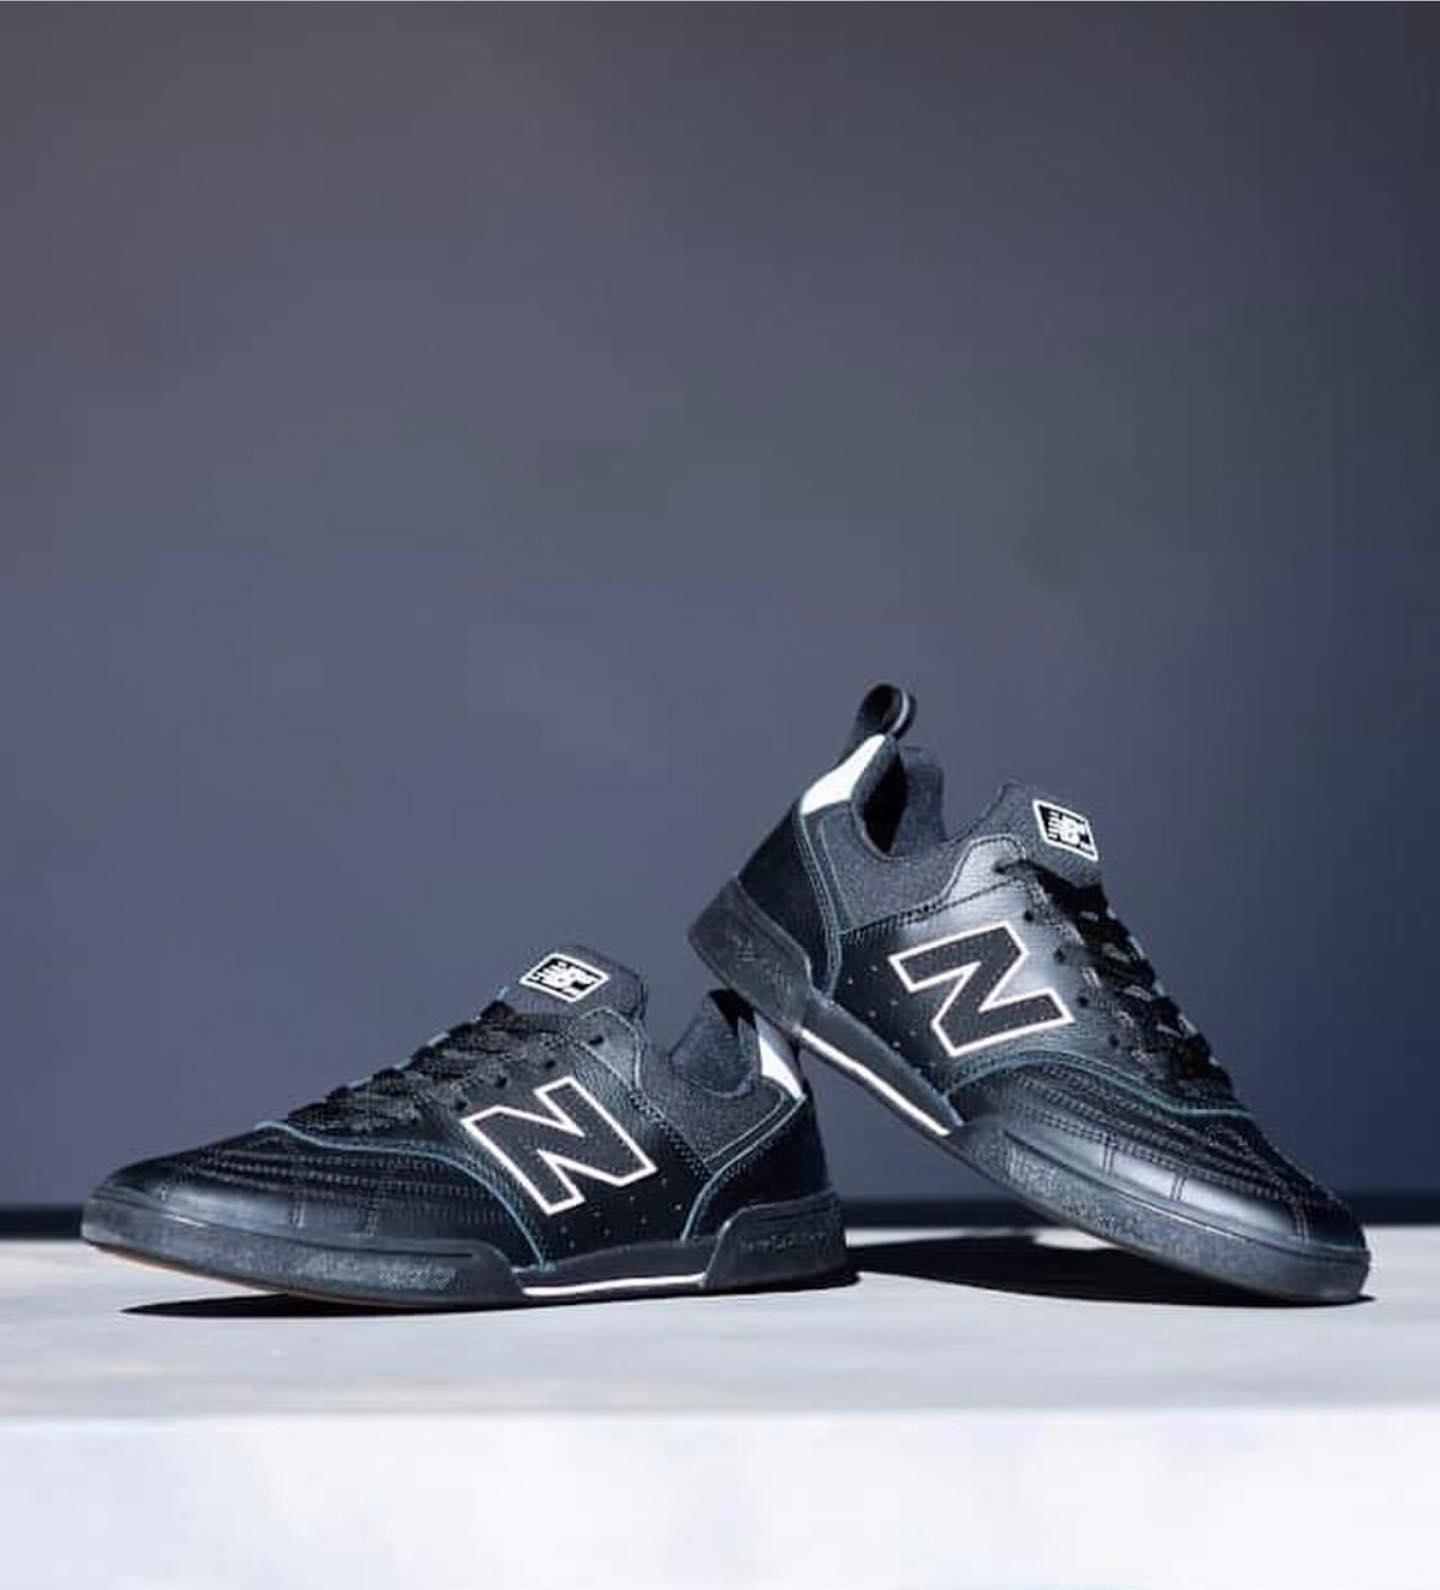 @nbnumeric 【NM288S】サッカーモチーフのLIFESTYLEモデル「288」をベースに、ニューバランスの多彩なテクノロジーを融合しスケートボード仕様で展開する「NM288」がスポーティーに進化した「NM288S」。耐摩耗性を向上したシームレスな爪先部、心地よくフィットするブーティ構造アッパー、衝撃吸収性に優れたミッドソール、踵部の耐久性を高めたフラットなアウトソールがボードフィールを向上しパフォーマンスアップをサポートします。【Technologies】・今期はアッパー前足部にクロスステッチを施したレザーを使用し、耐久性が格段に向上。 ・クッション性の高いC-CAPを採用・全方位的に考察された新しいソールパターンは高いグリップ力を向上・衝撃吸収力と快適性の高いOrtholite インソール採用・耐摩耗性に優れたNduranceを最適箇所に配置・ソリッドラバー#nbnumeric #nbnumericjapan #nm288